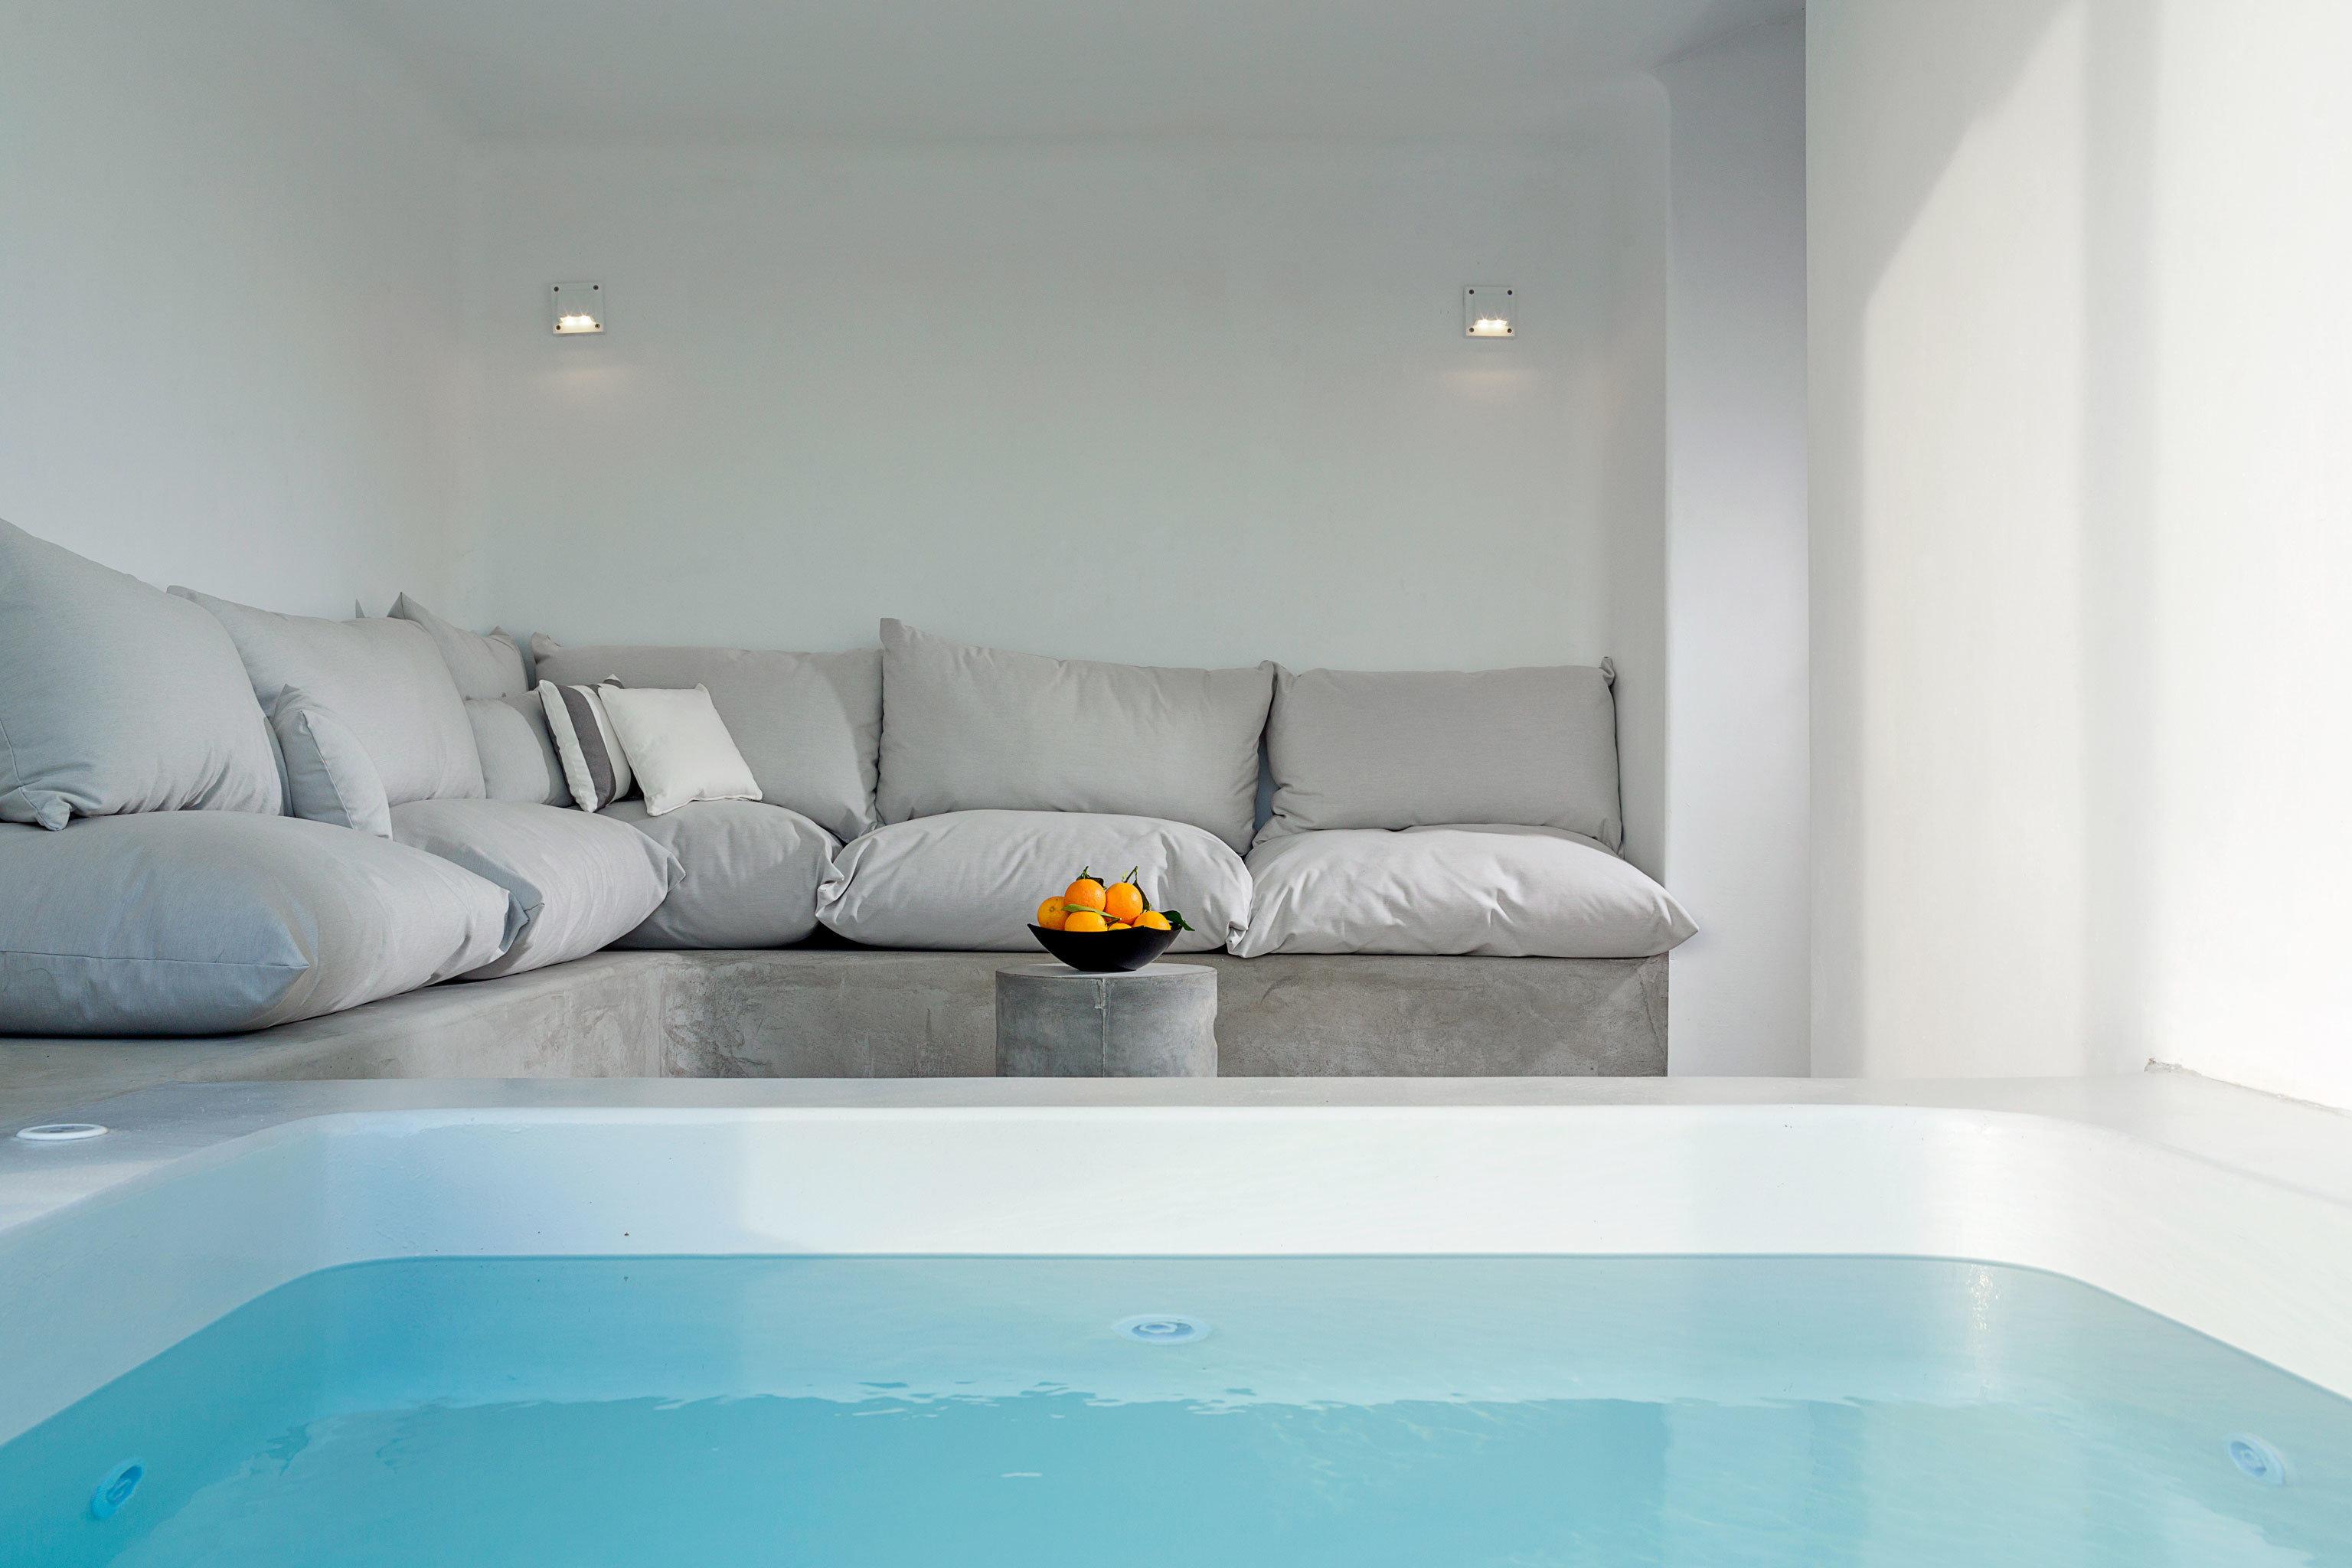 Hot tub/Jacuzzi Lounge Luxury swimming pool property white jacuzzi bathtub